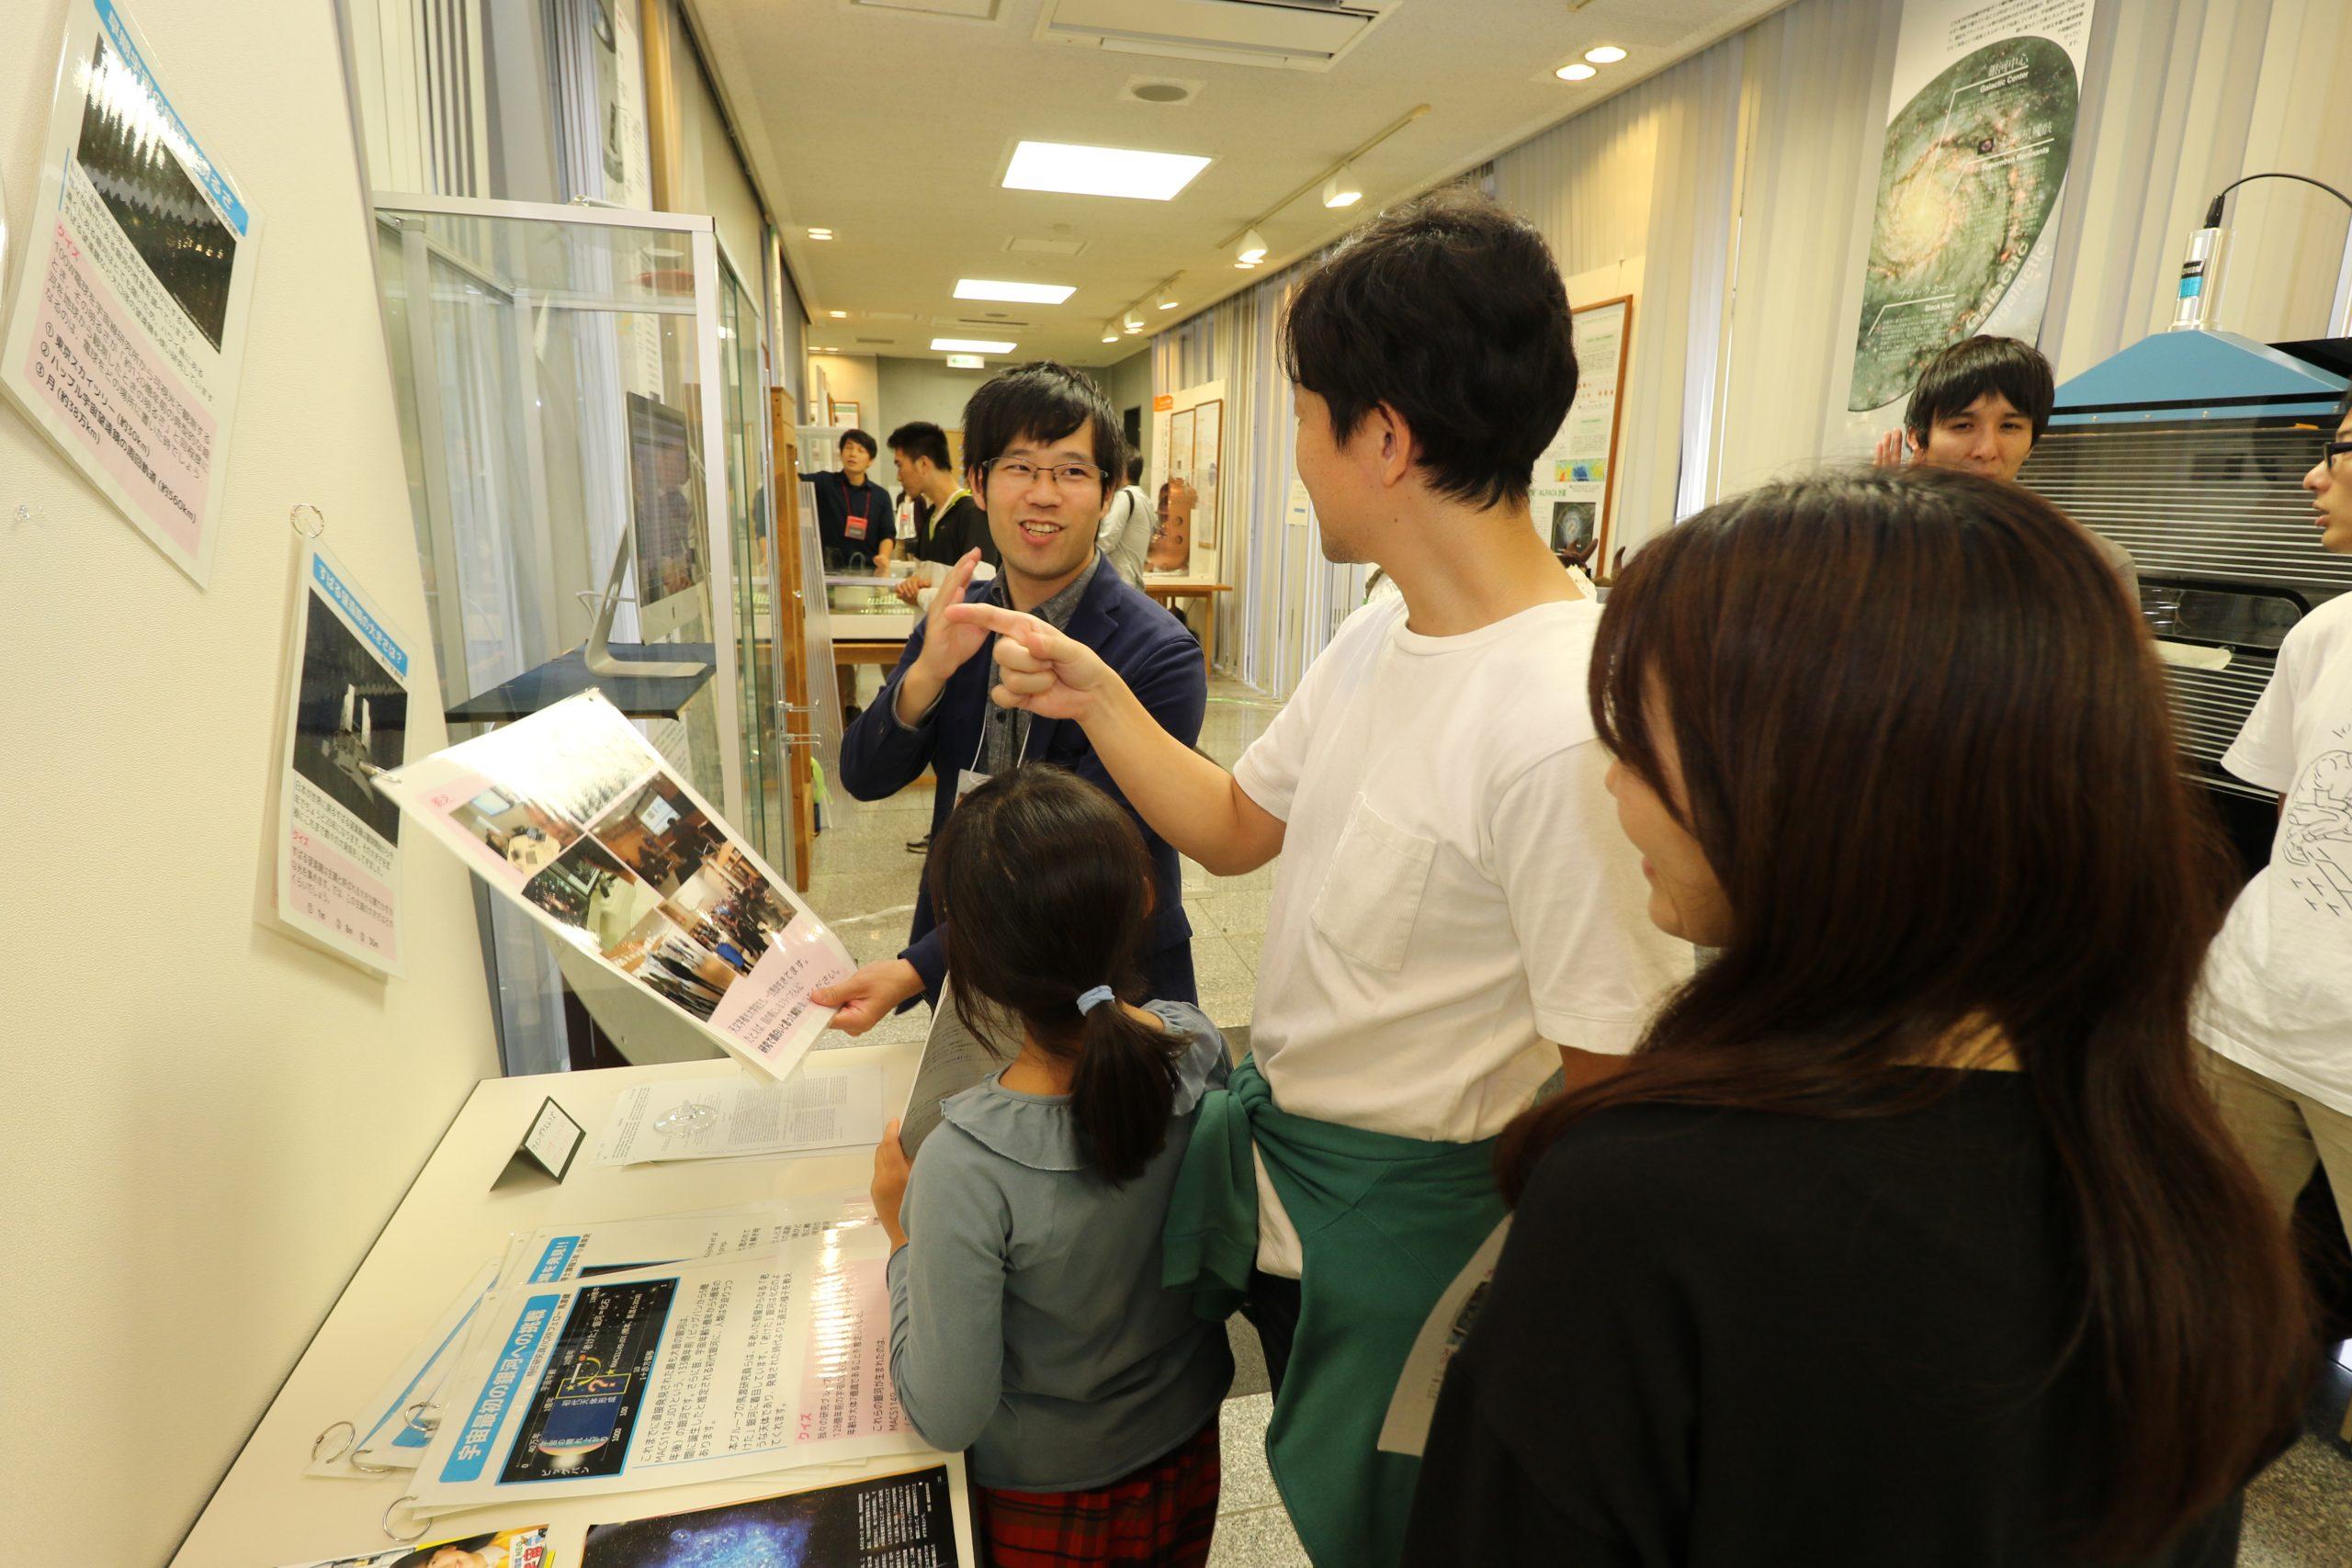 【実施レポートを掲載】東京大学柏キャンパス オンライン一般公開2020